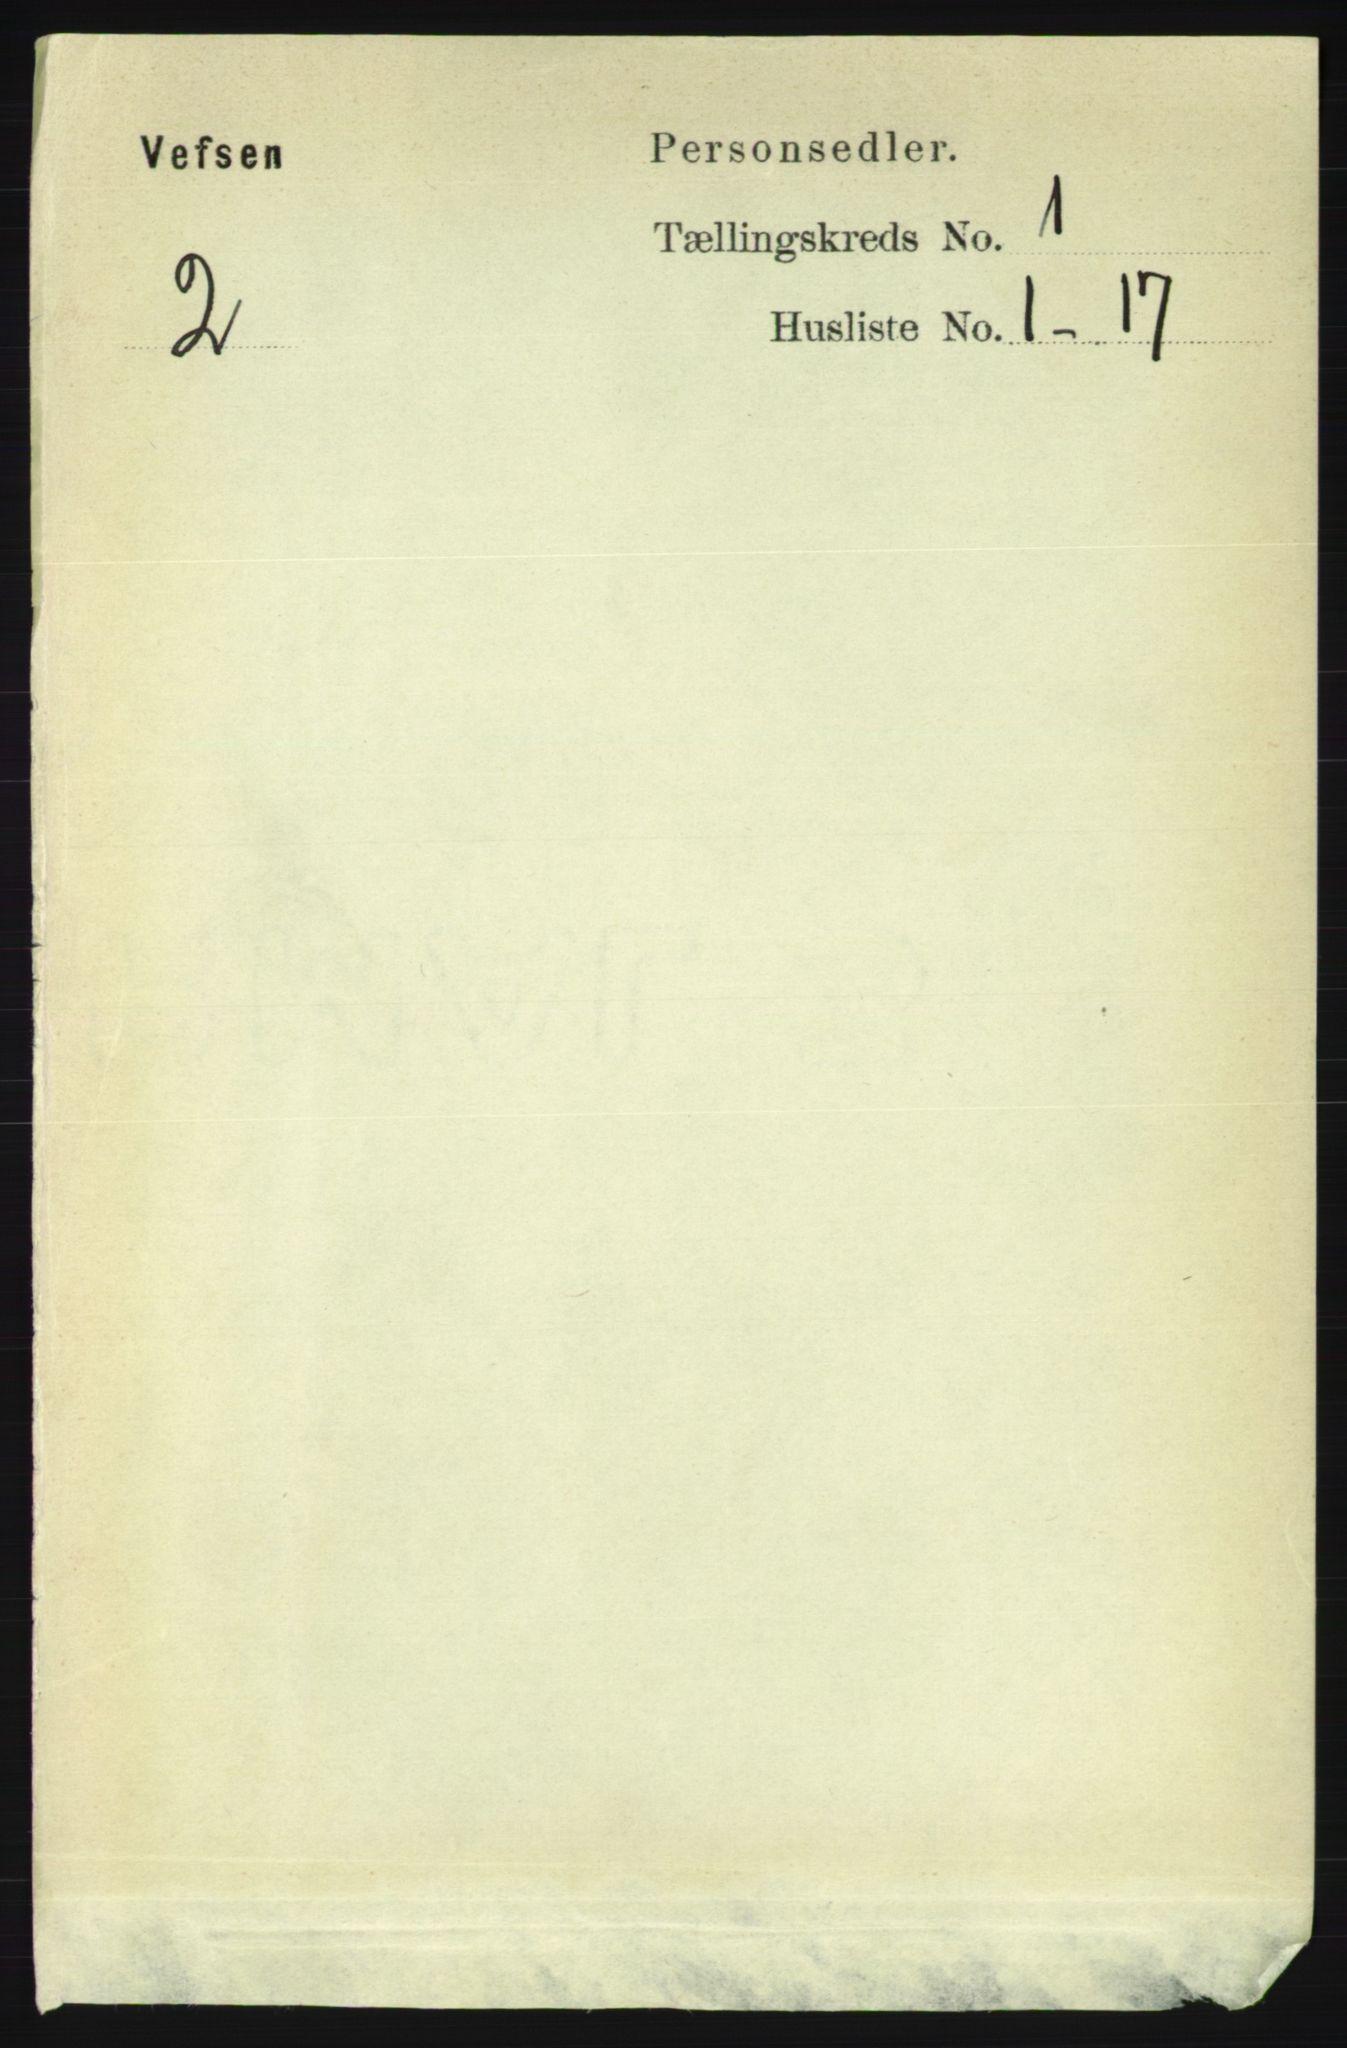 RA, Folketelling 1891 for 1824 Vefsn herred, 1891, s. 95